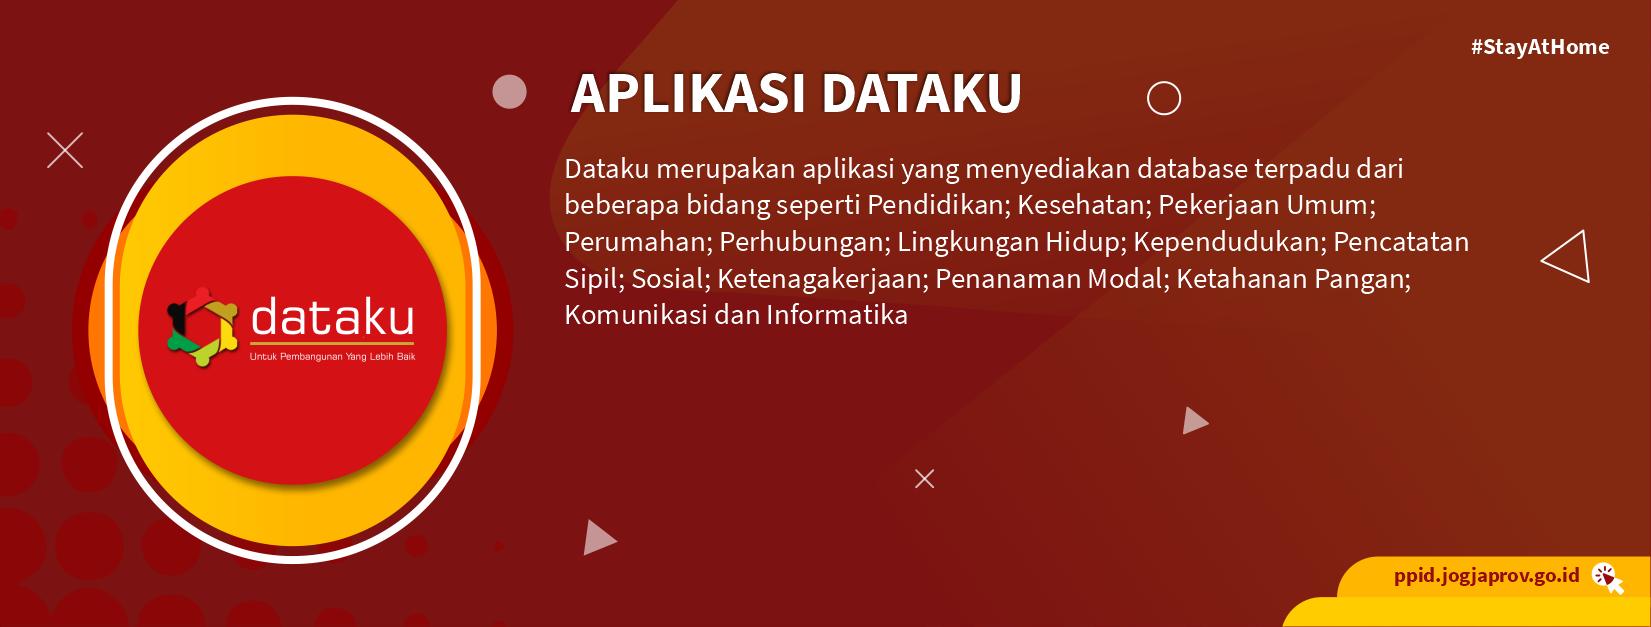 Aplikasi Dataku